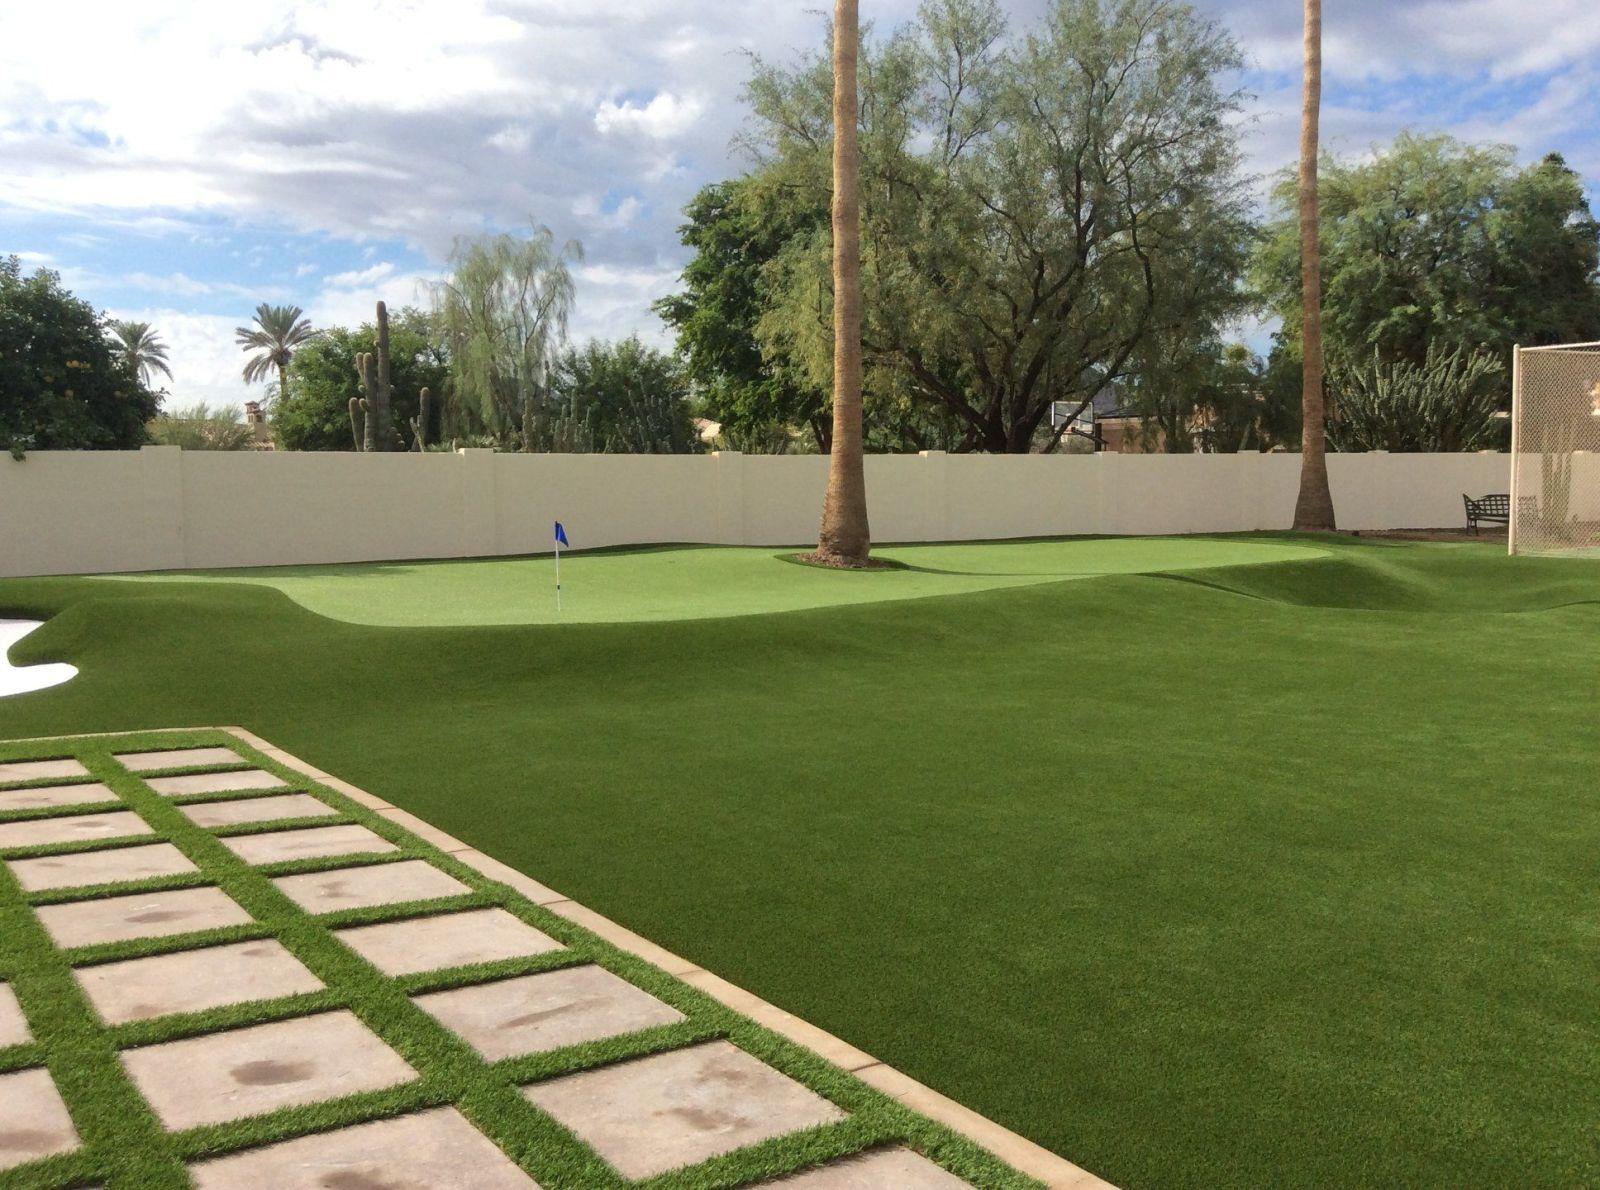 custom backyard artificial grass putting green